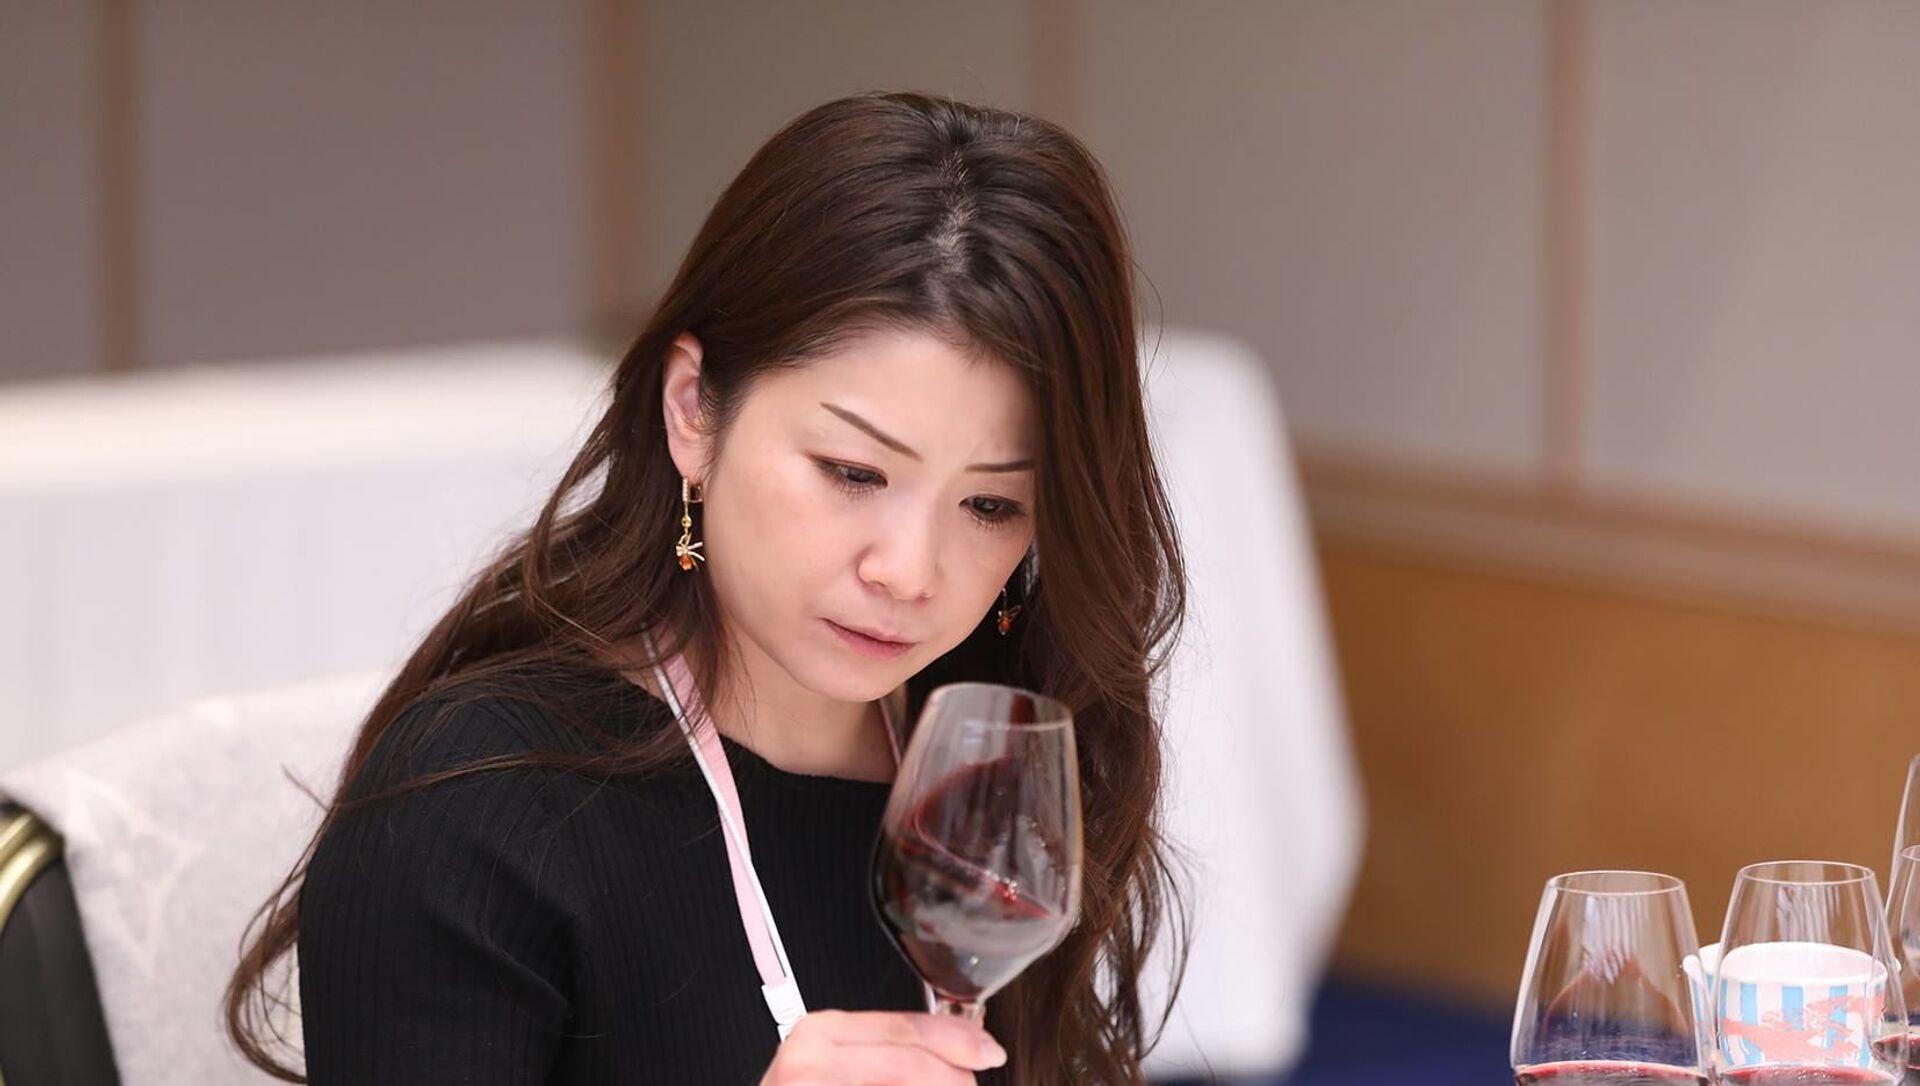 Международный конкурс вина Sakura Japan Women's Wine Awards 2019 в Токио    - Sputnik Грузия, 1920, 11.03.2021